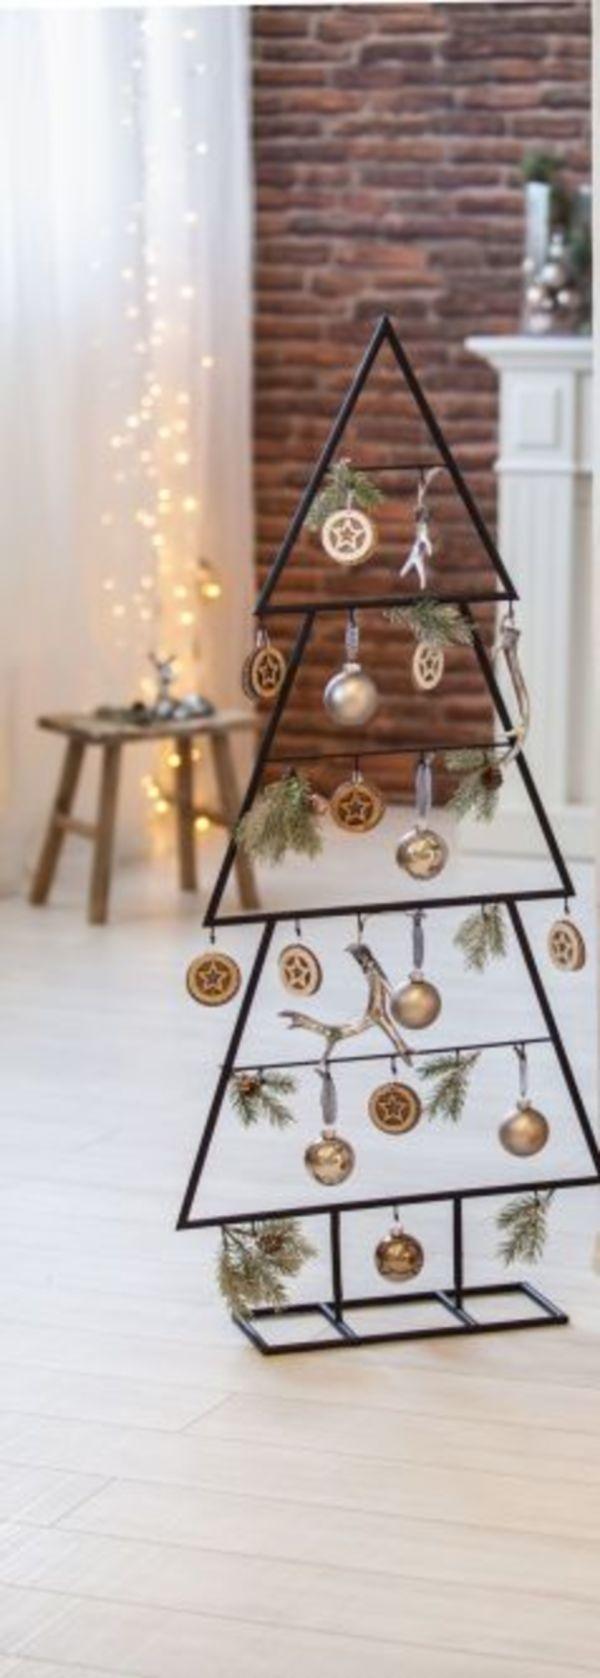 standdeko weihnachtsbaum metall schwarz ohne. Black Bedroom Furniture Sets. Home Design Ideas